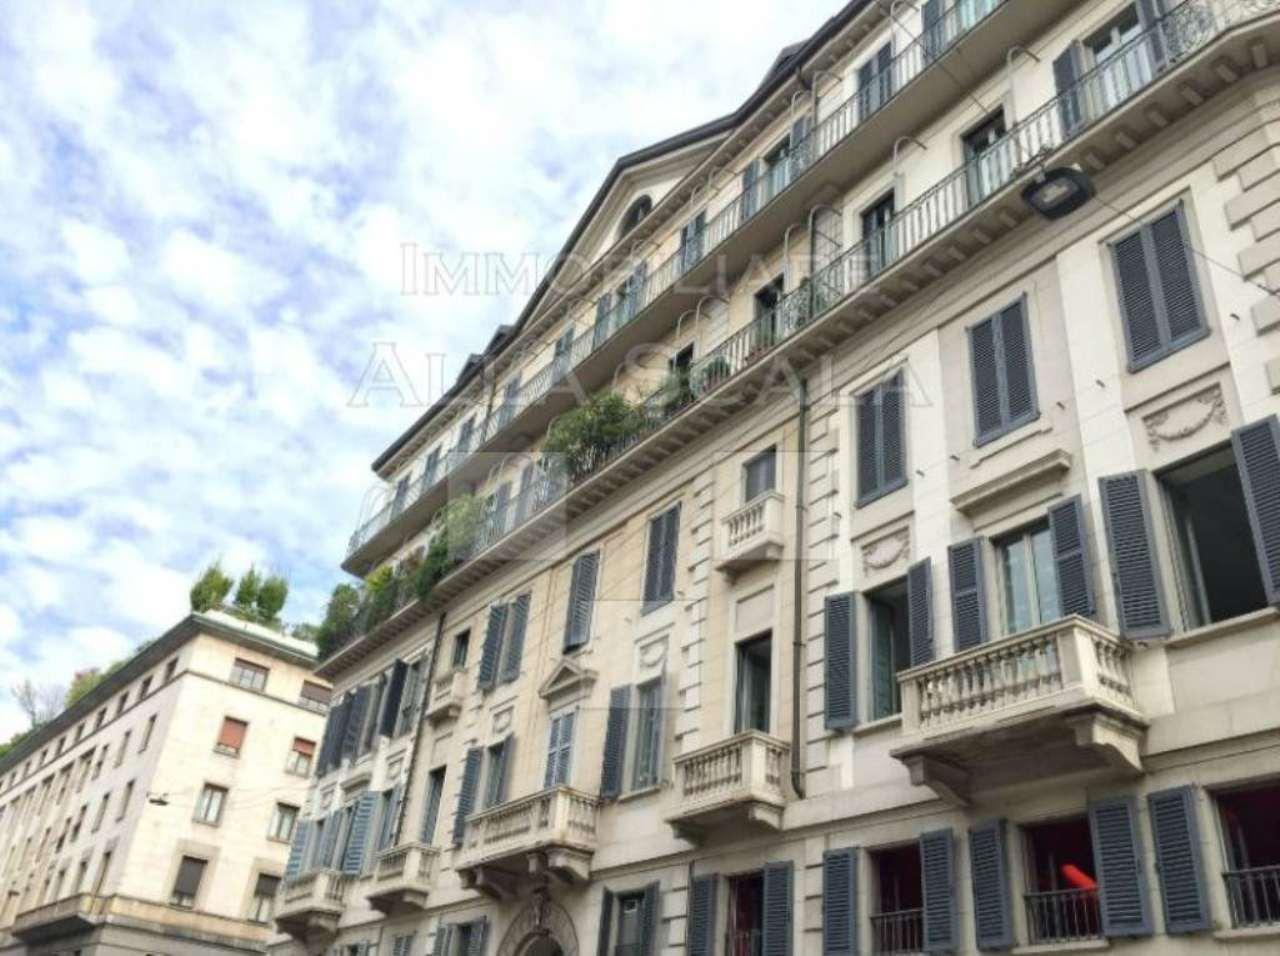 Ufficio / Studio in vendita a Milano, 7 locali, prezzo € 1.350.000 | CambioCasa.it